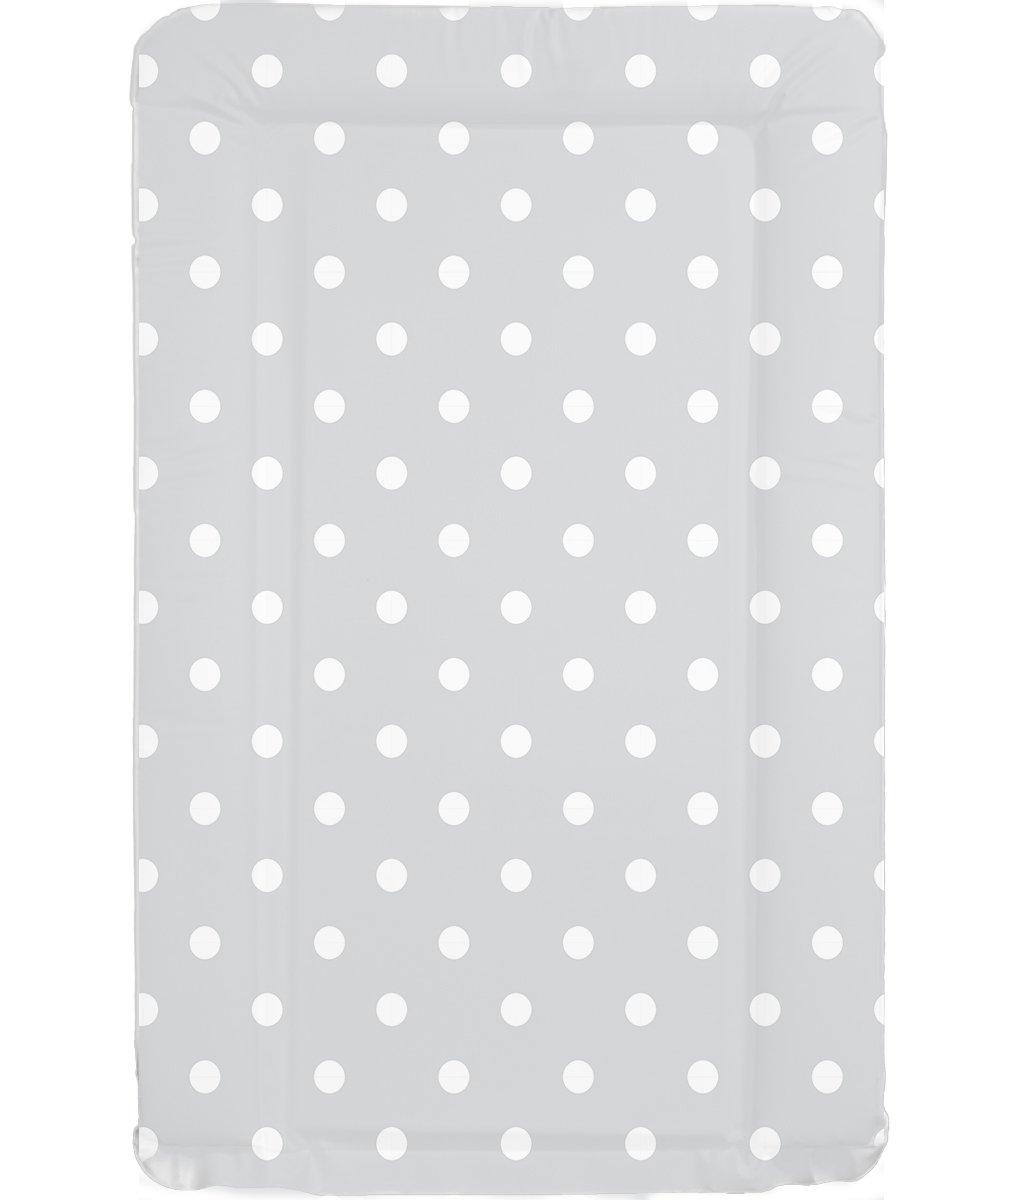 Deluxe unisex Baby–Cambiador con bordes. Impermeable único diseño de lunares, color gris y blanco babieswithlove